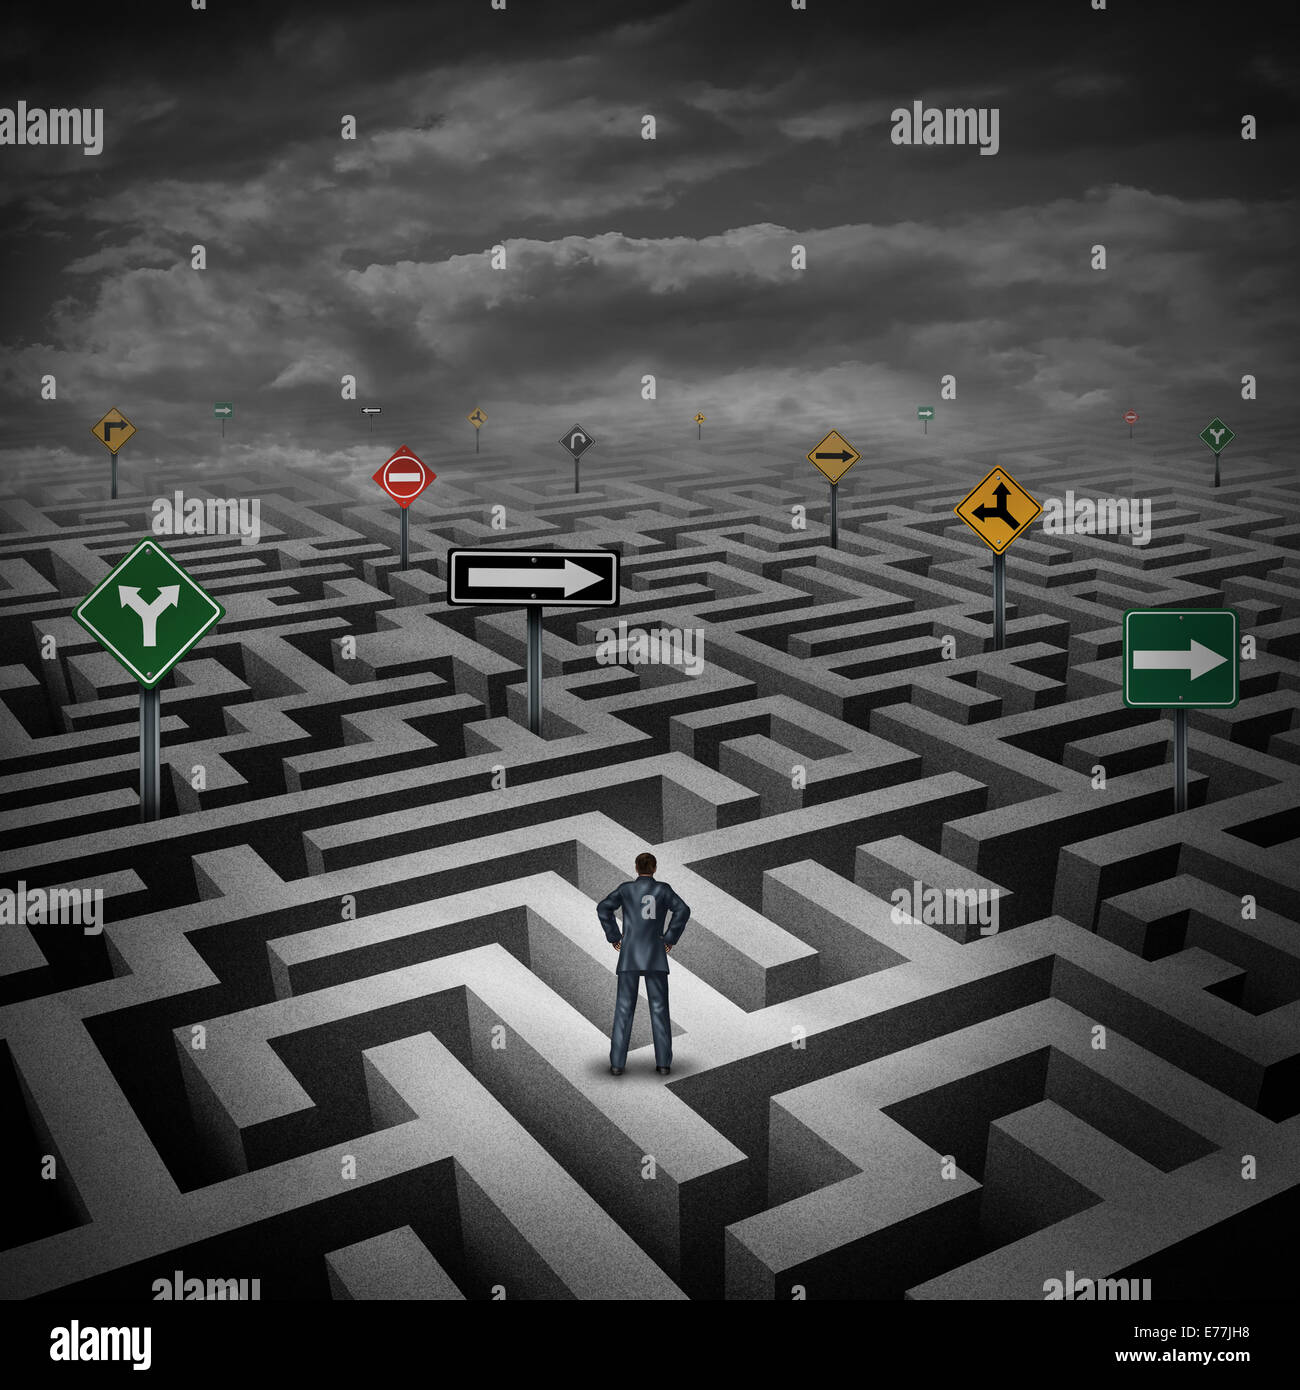 Crise stratégie concept comme un businessman standing on a trois dimensions ou labyrinthe labyrinthe déroutant direction signalisation routière comme une métaphore de la difficulté dans les affaires et le stress de la vie quotidienne. Banque D'Images